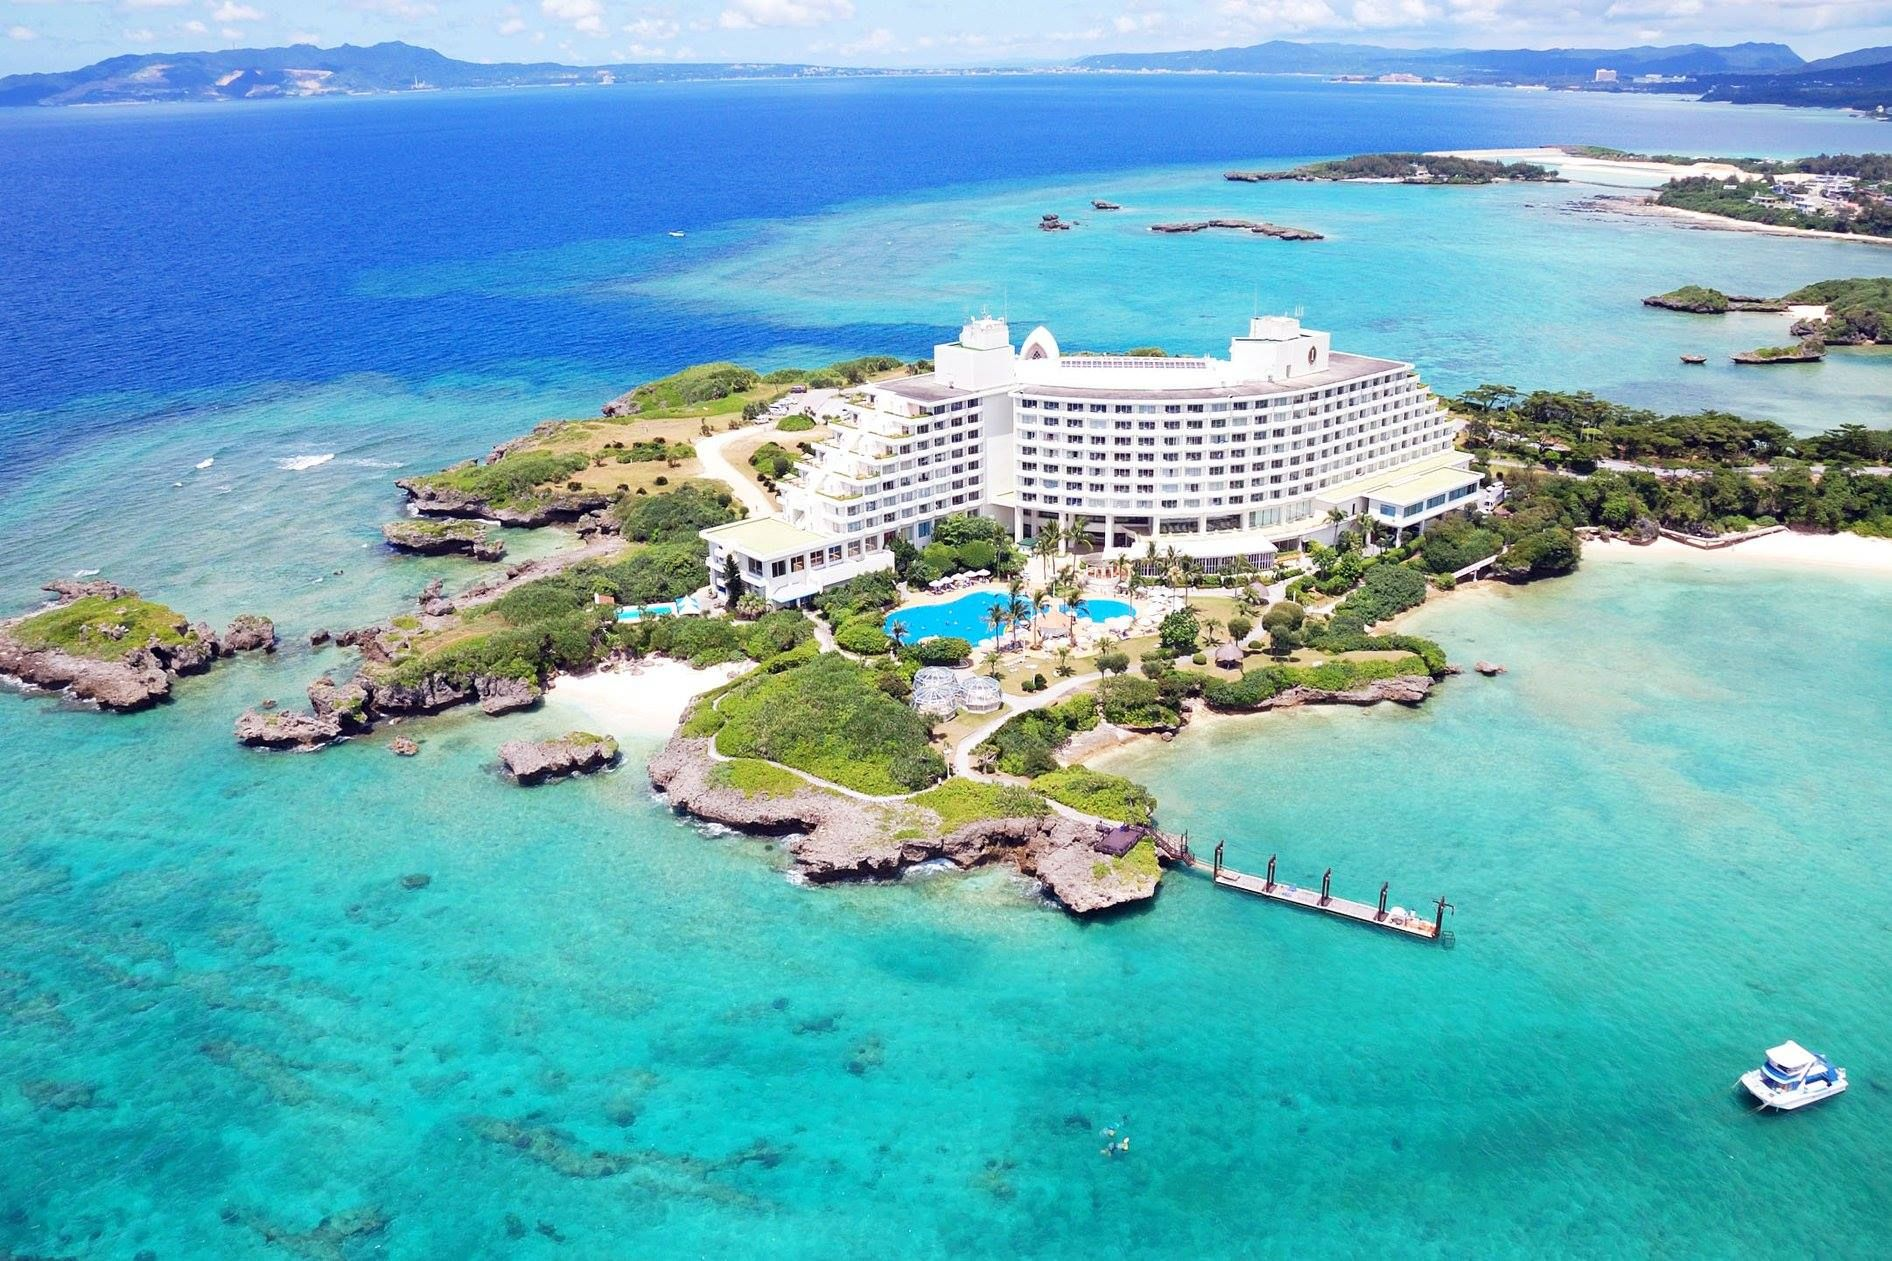 7 Best Luxury Beach Resorts In Okinawa